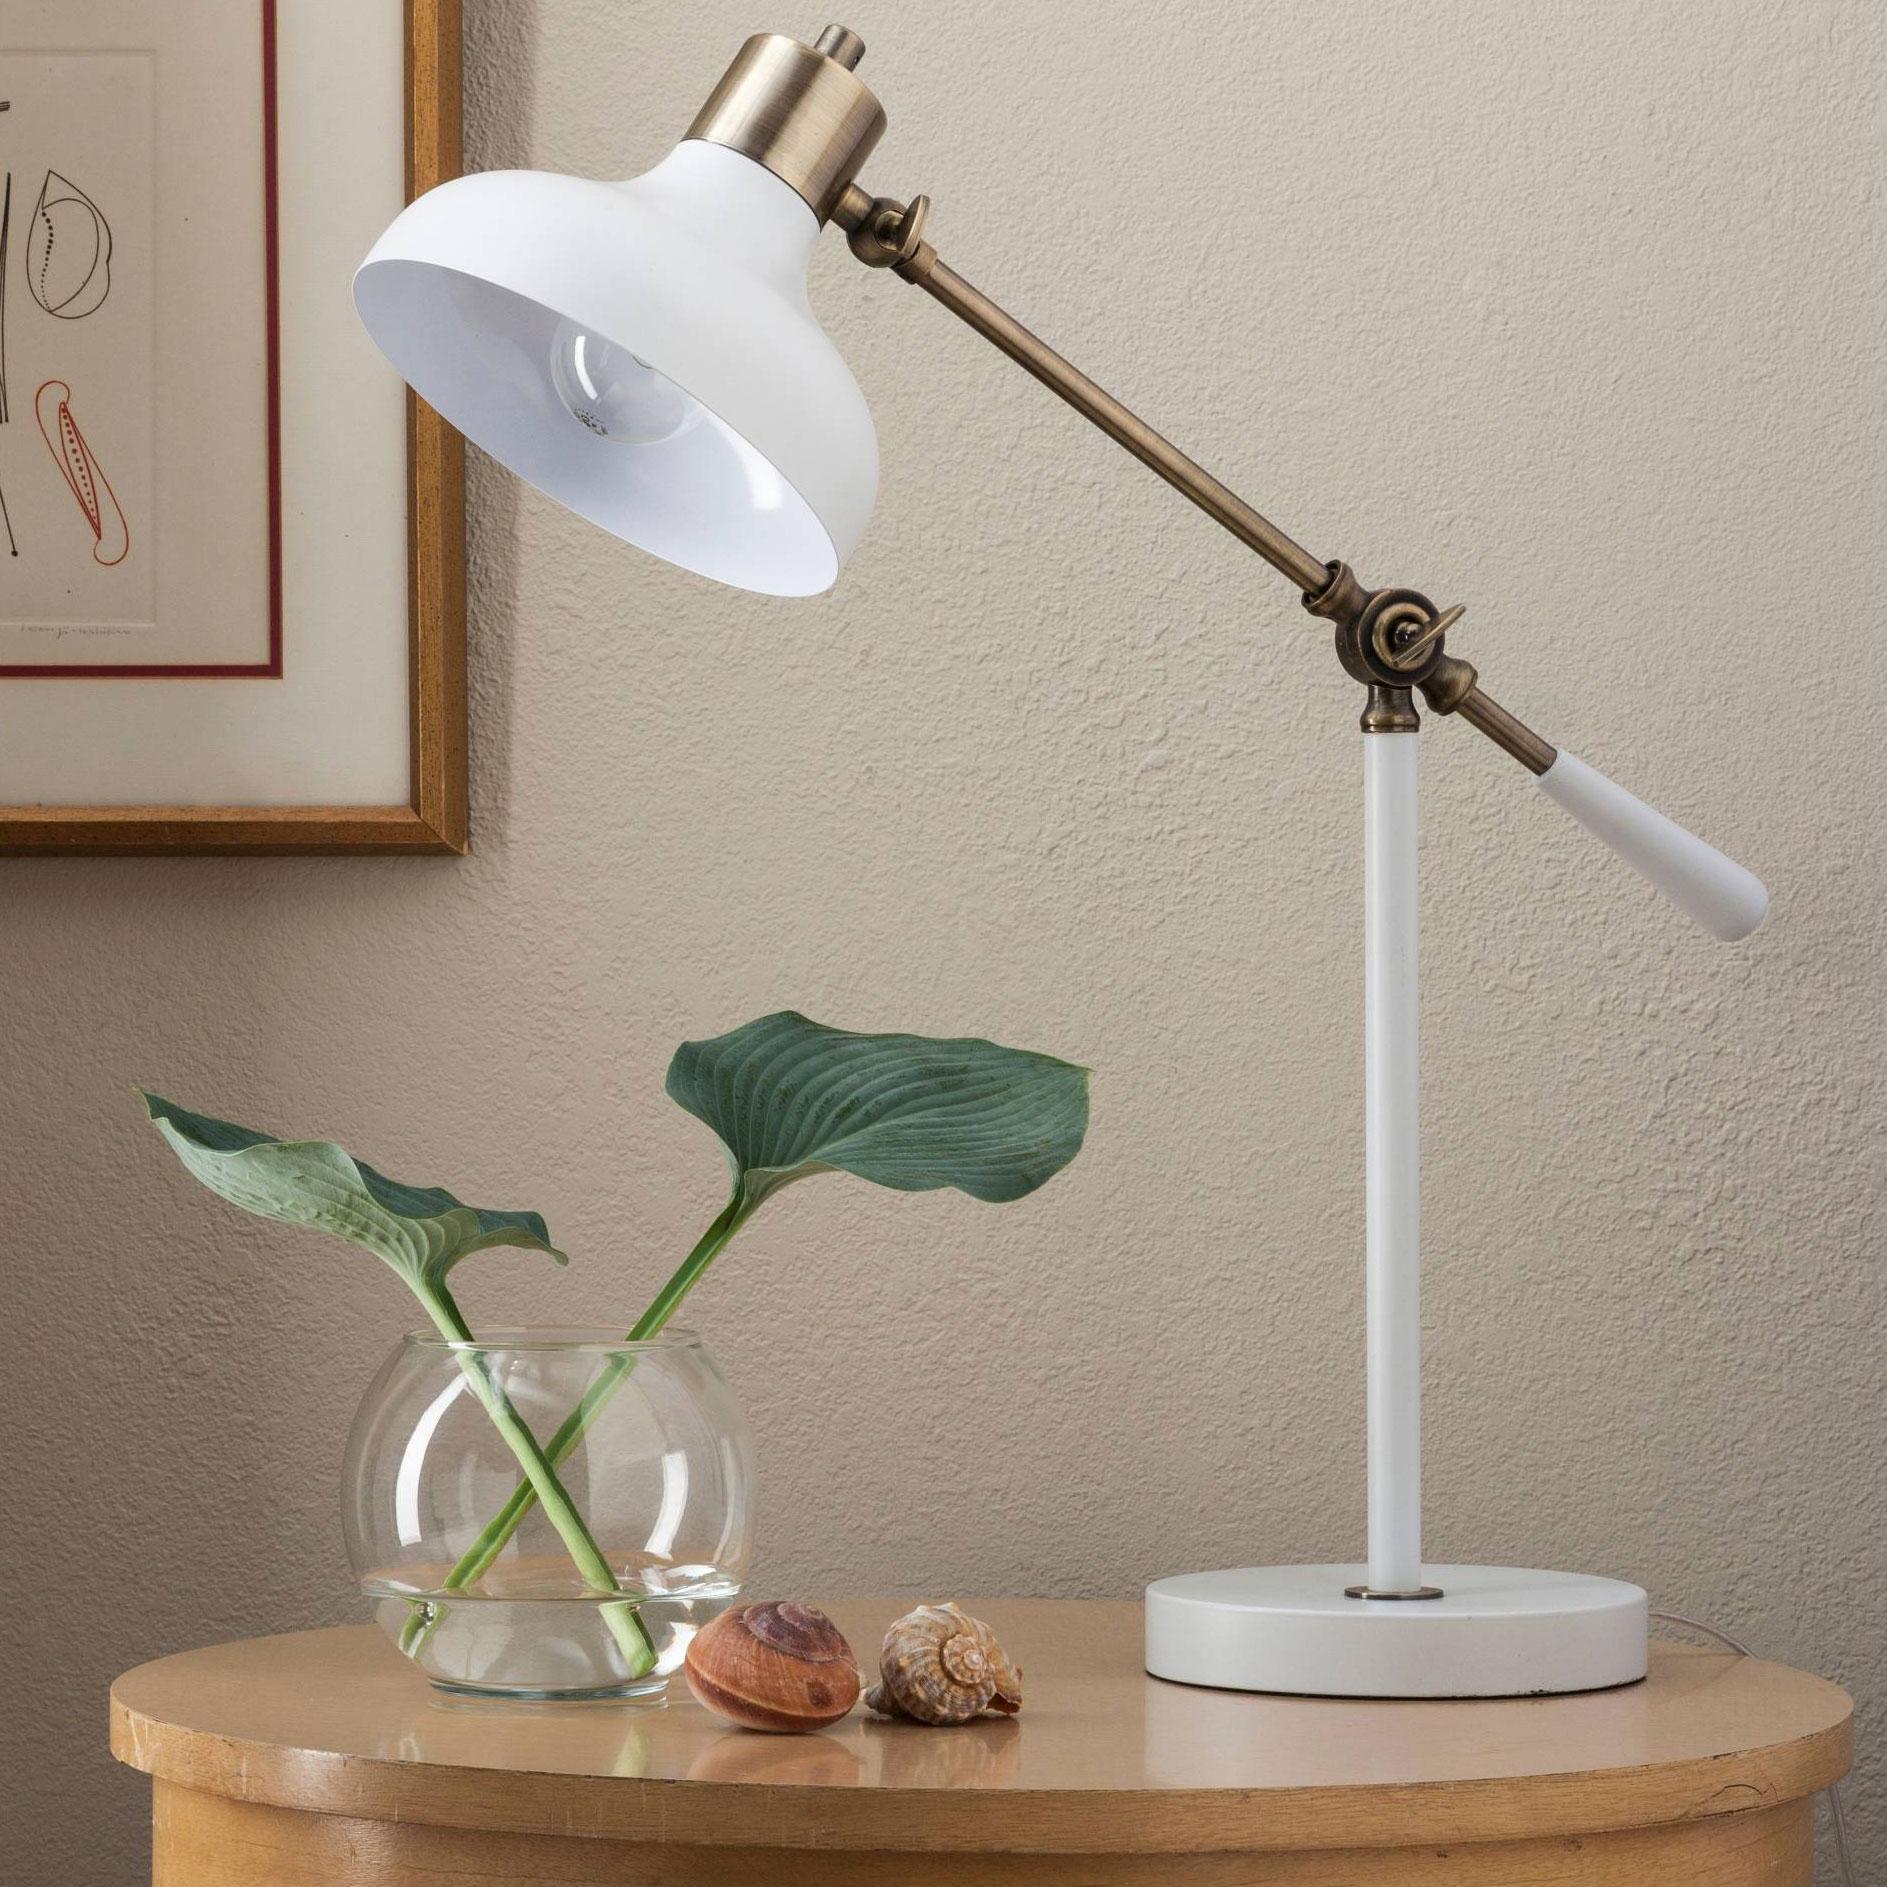 target-lamp.jpg